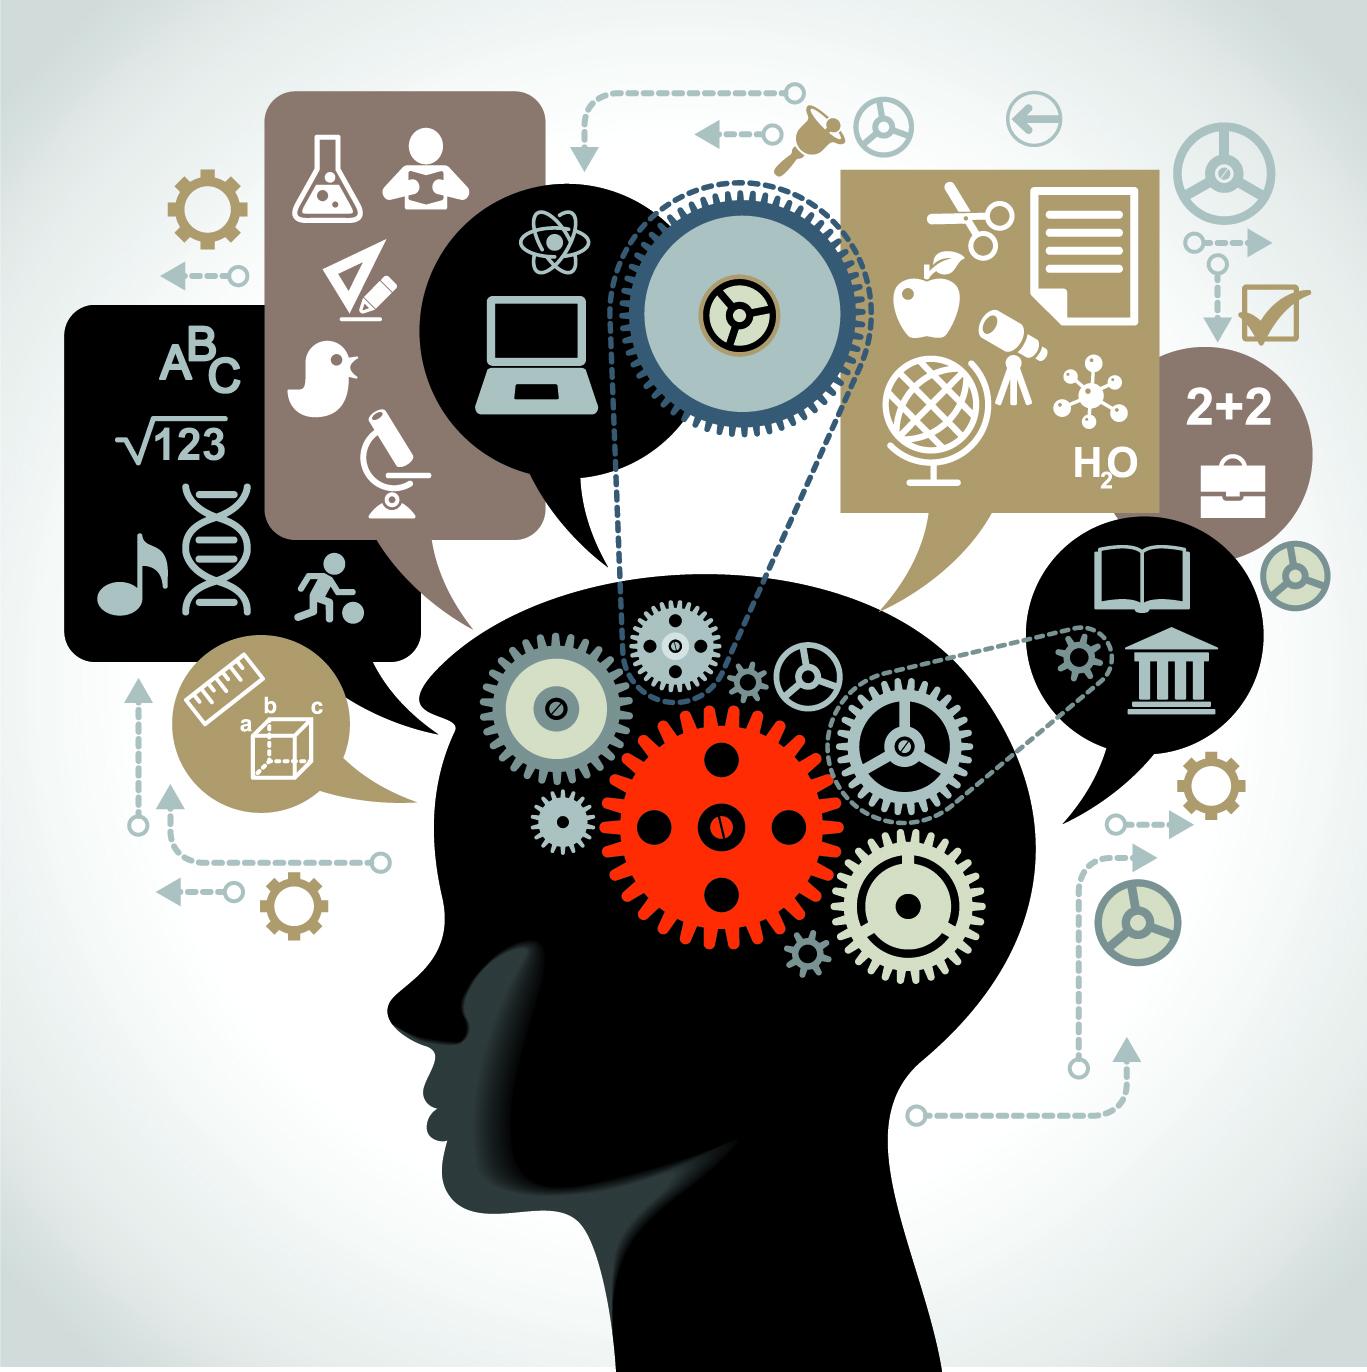 Programa vivencial de inteligencia emocional dirigido a alumnos de infantil, primaria y secundaria